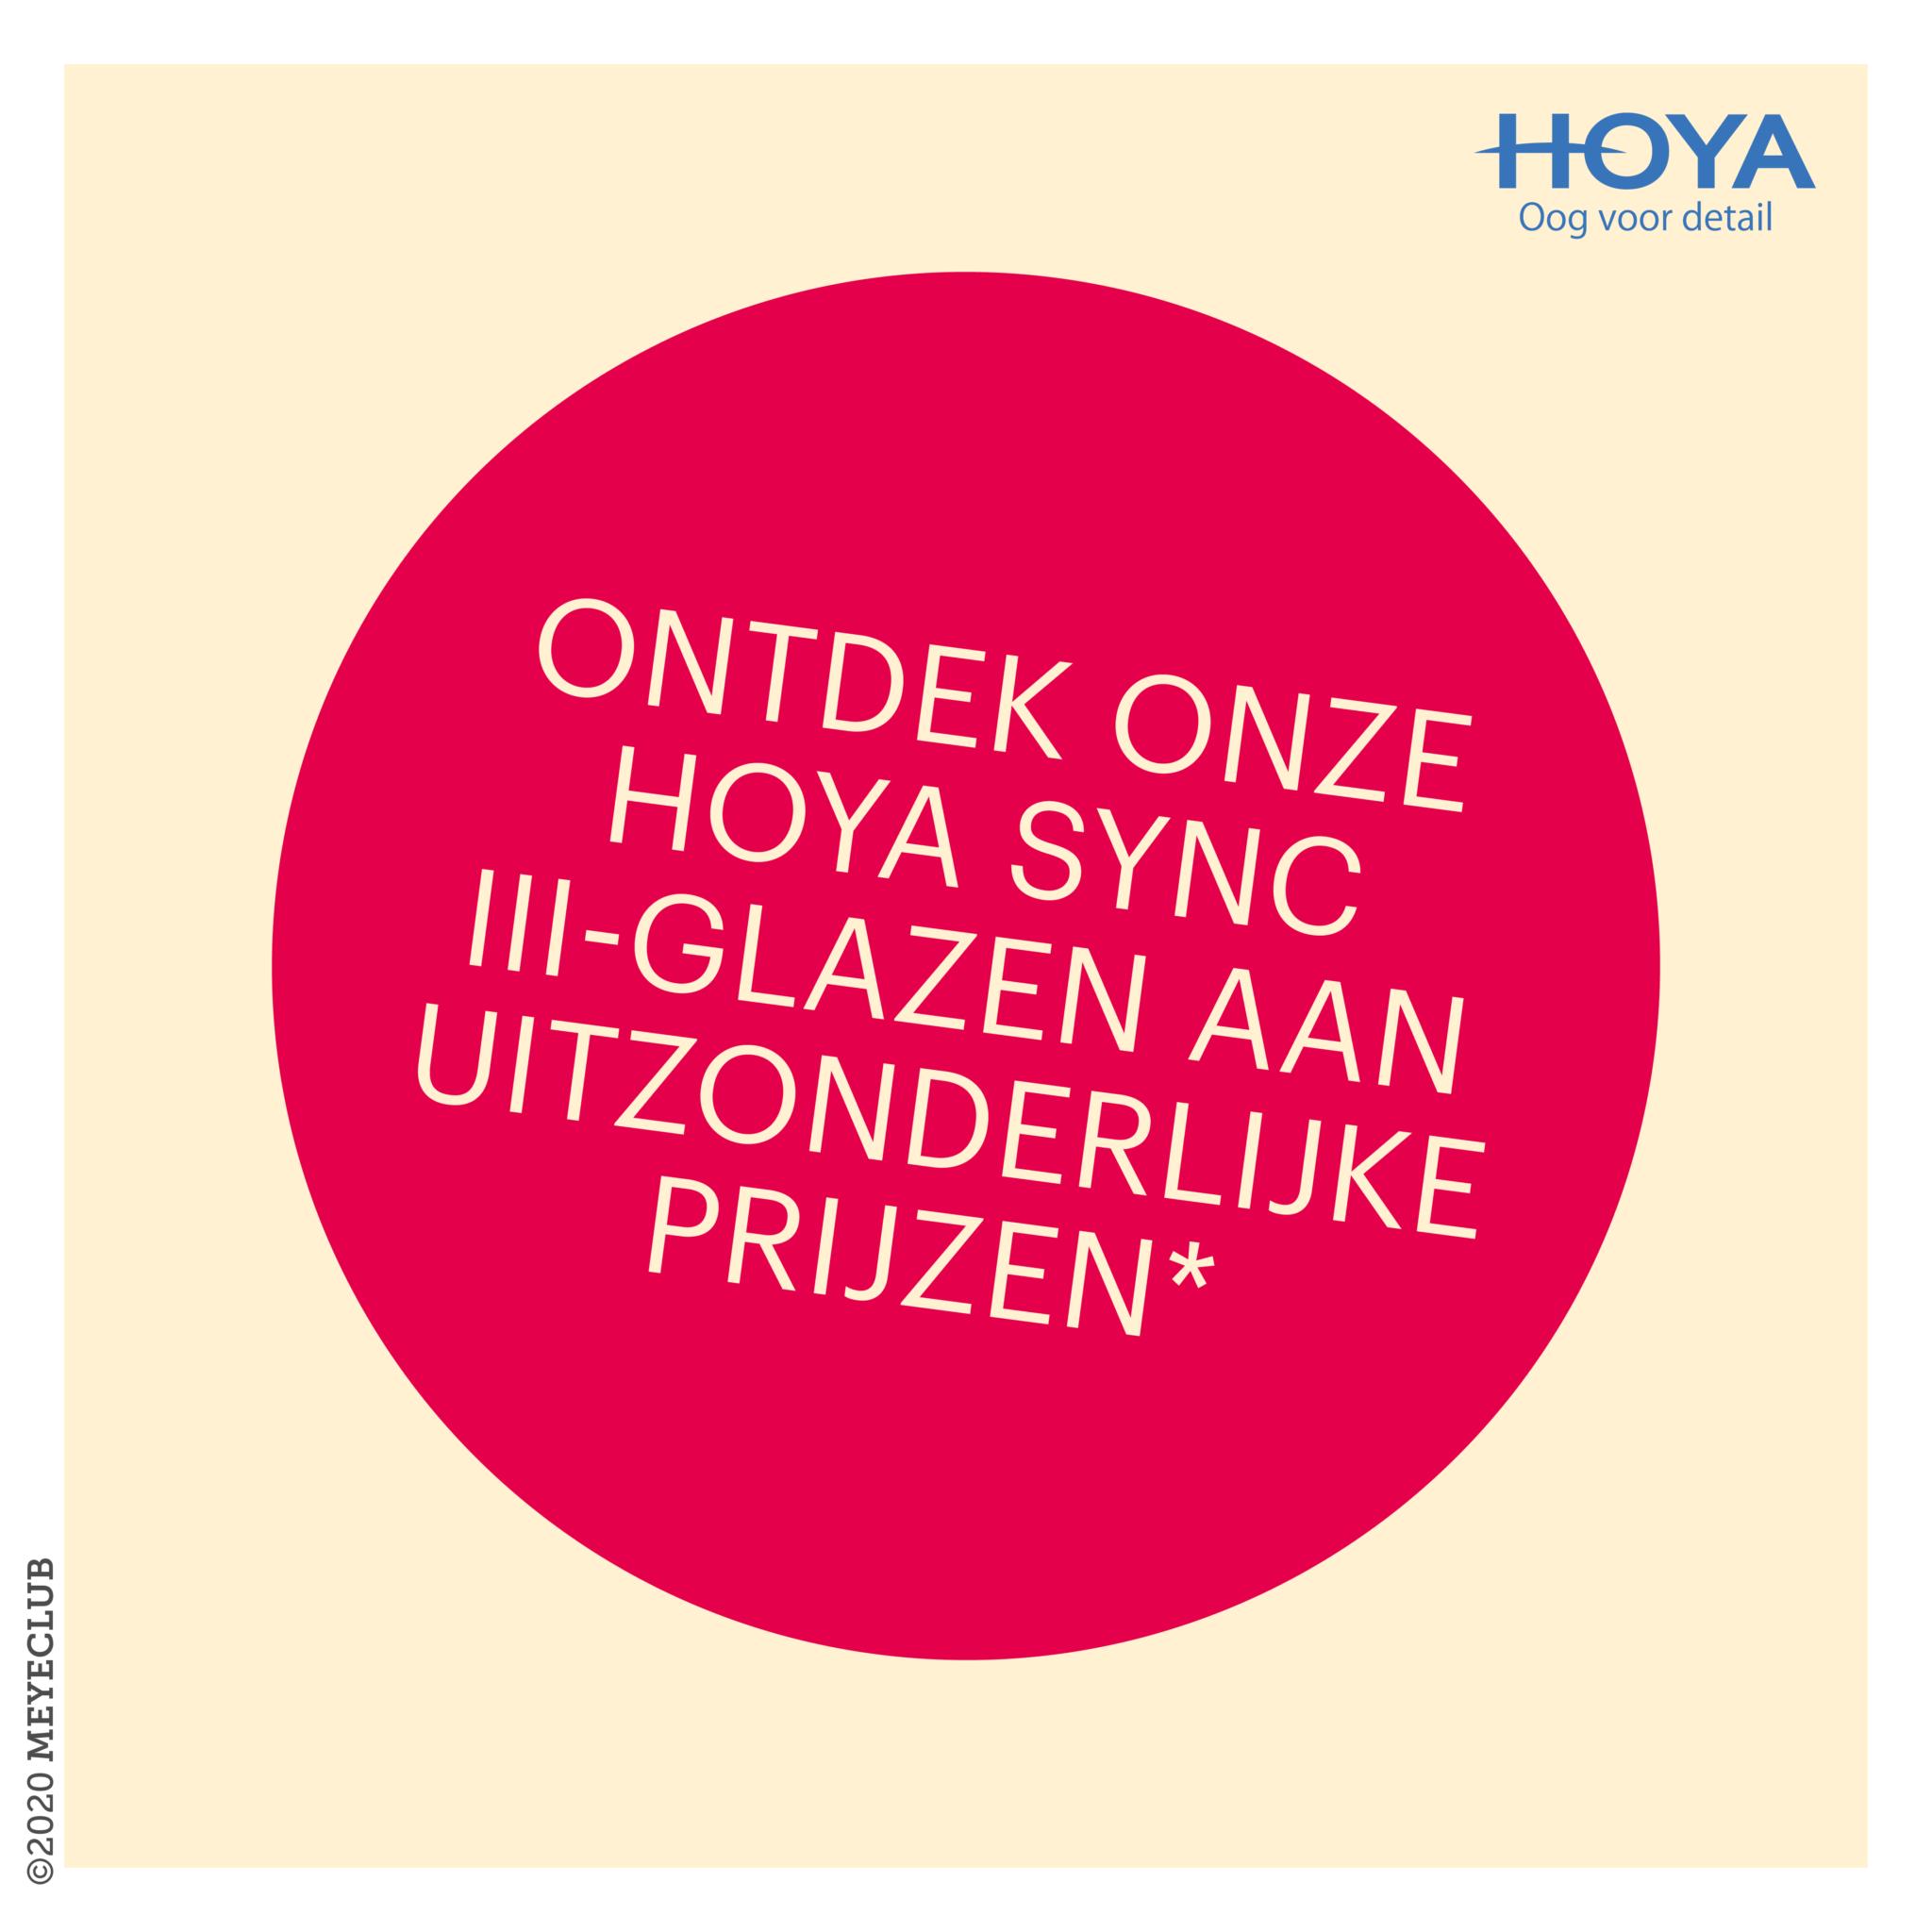 HOYA Sync III-glazen